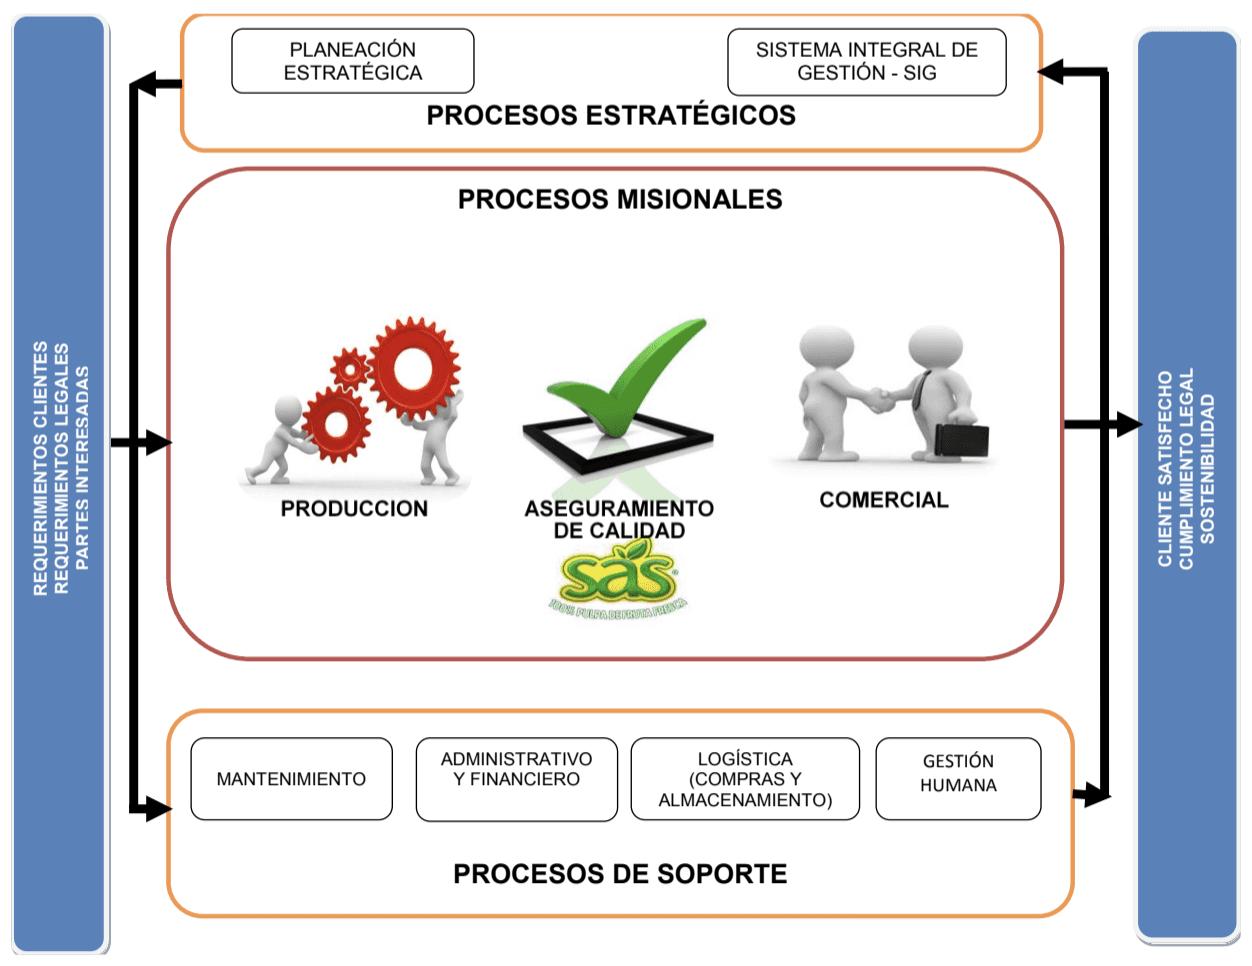 Alimentos sas mapa de procesos Manual de procesos y procedimientos de una empresa de alimentos